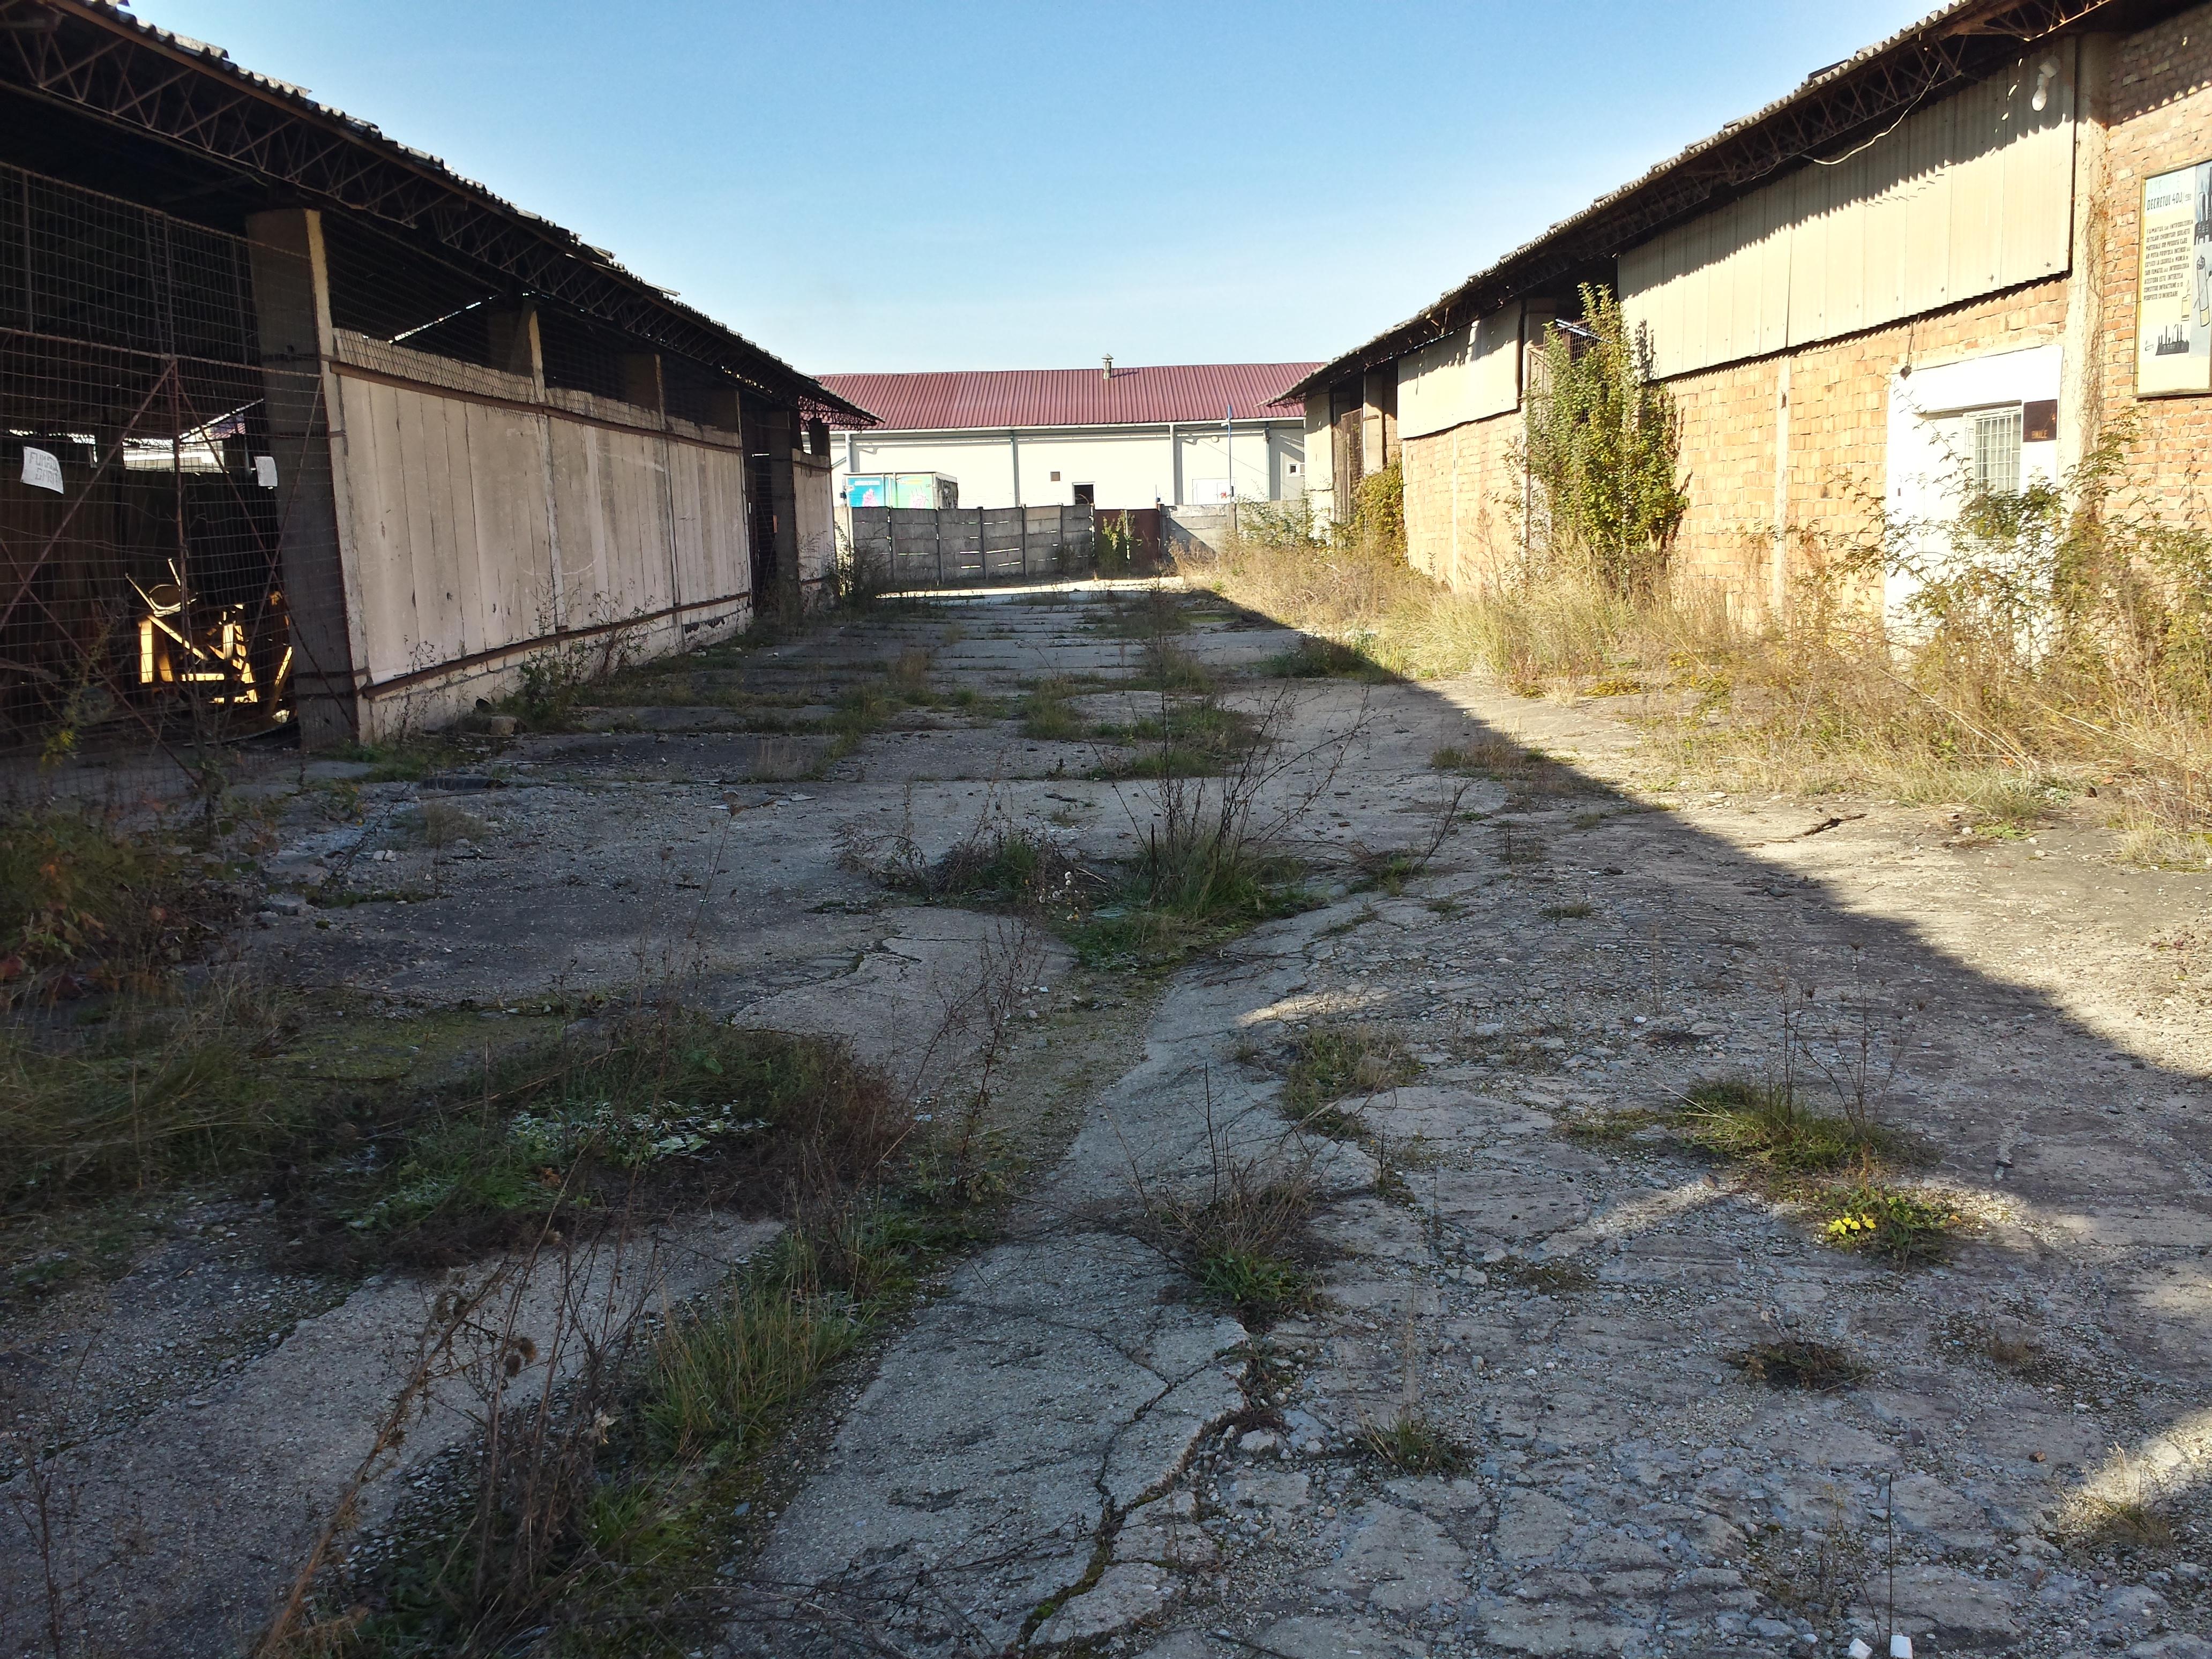 Amplasament Industrial - Crișeni - teren în suprafață de 16.146 mp cu construcțiile aferente